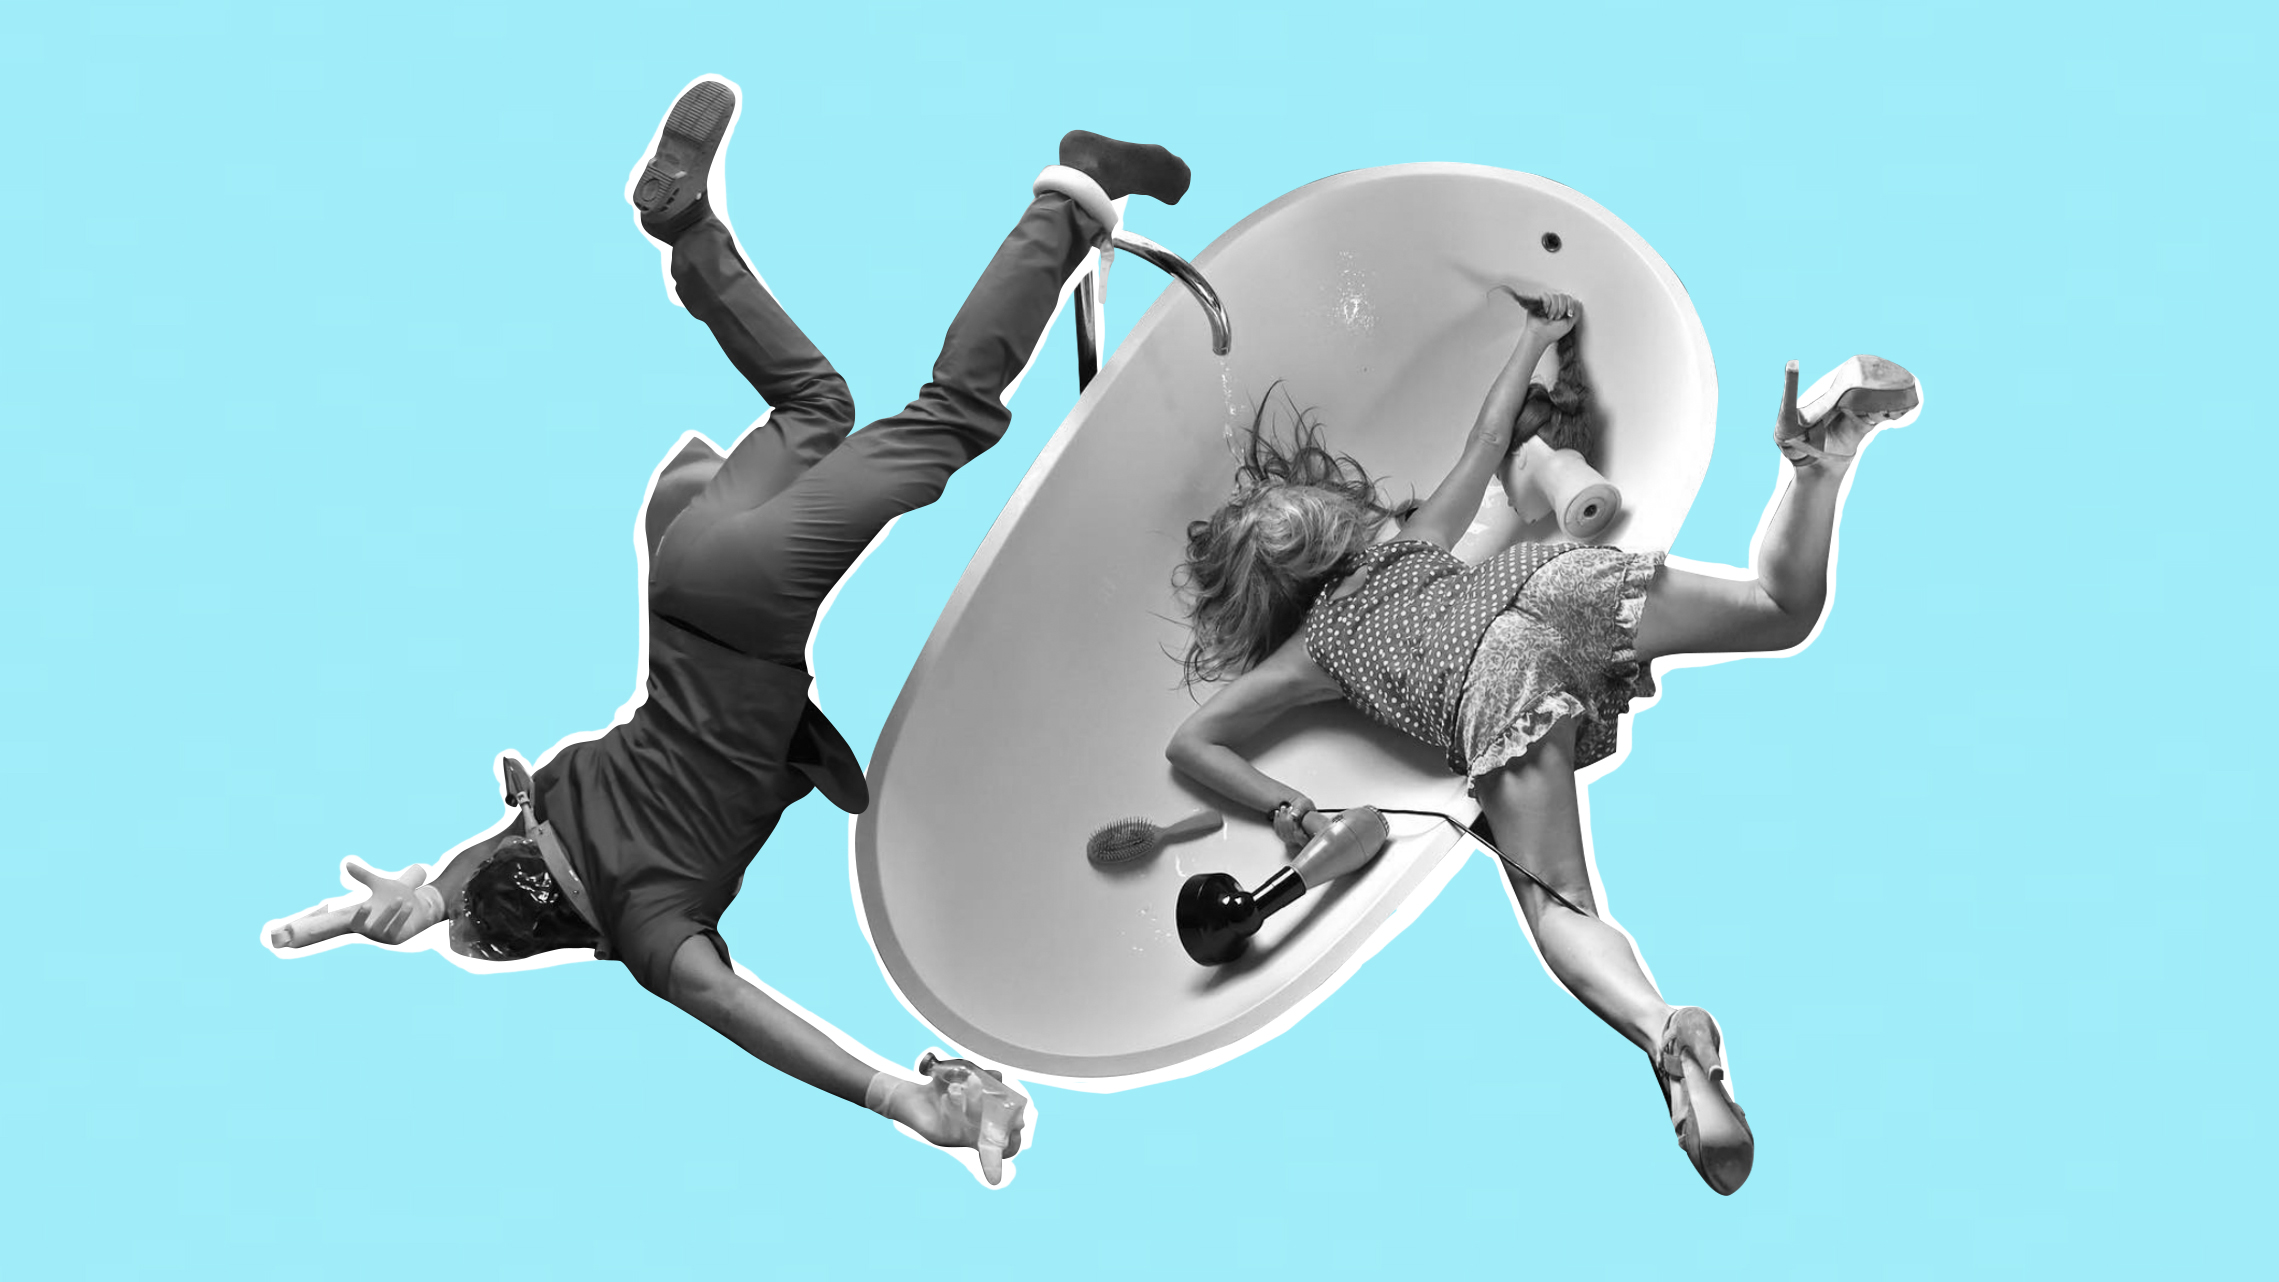 In extremis: cómo hacer de una caída un arte